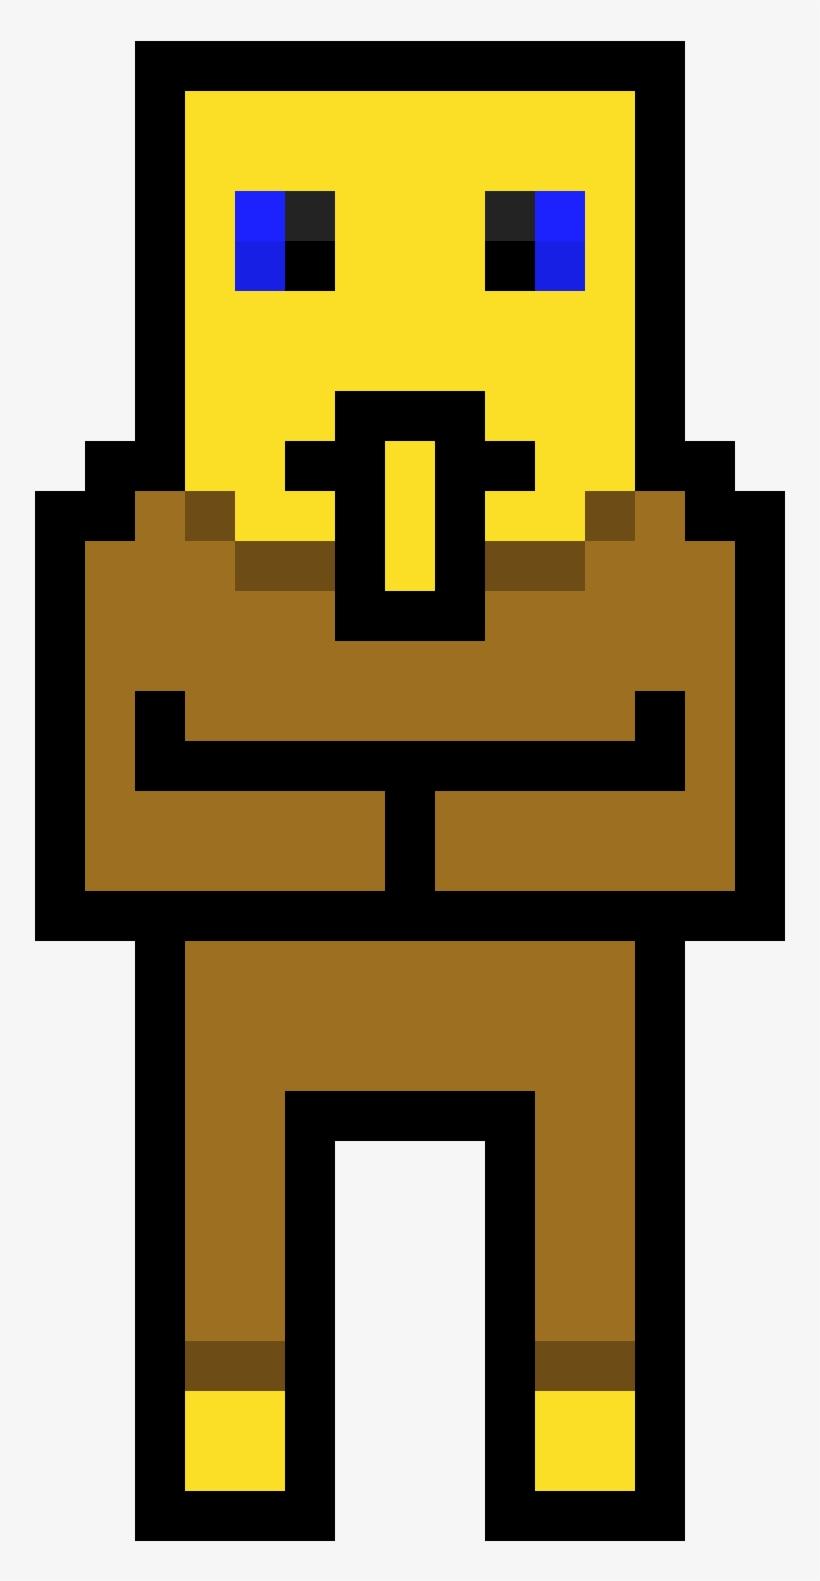 Villager Villager Pixel Art Free Transparent Png Download Pngkey